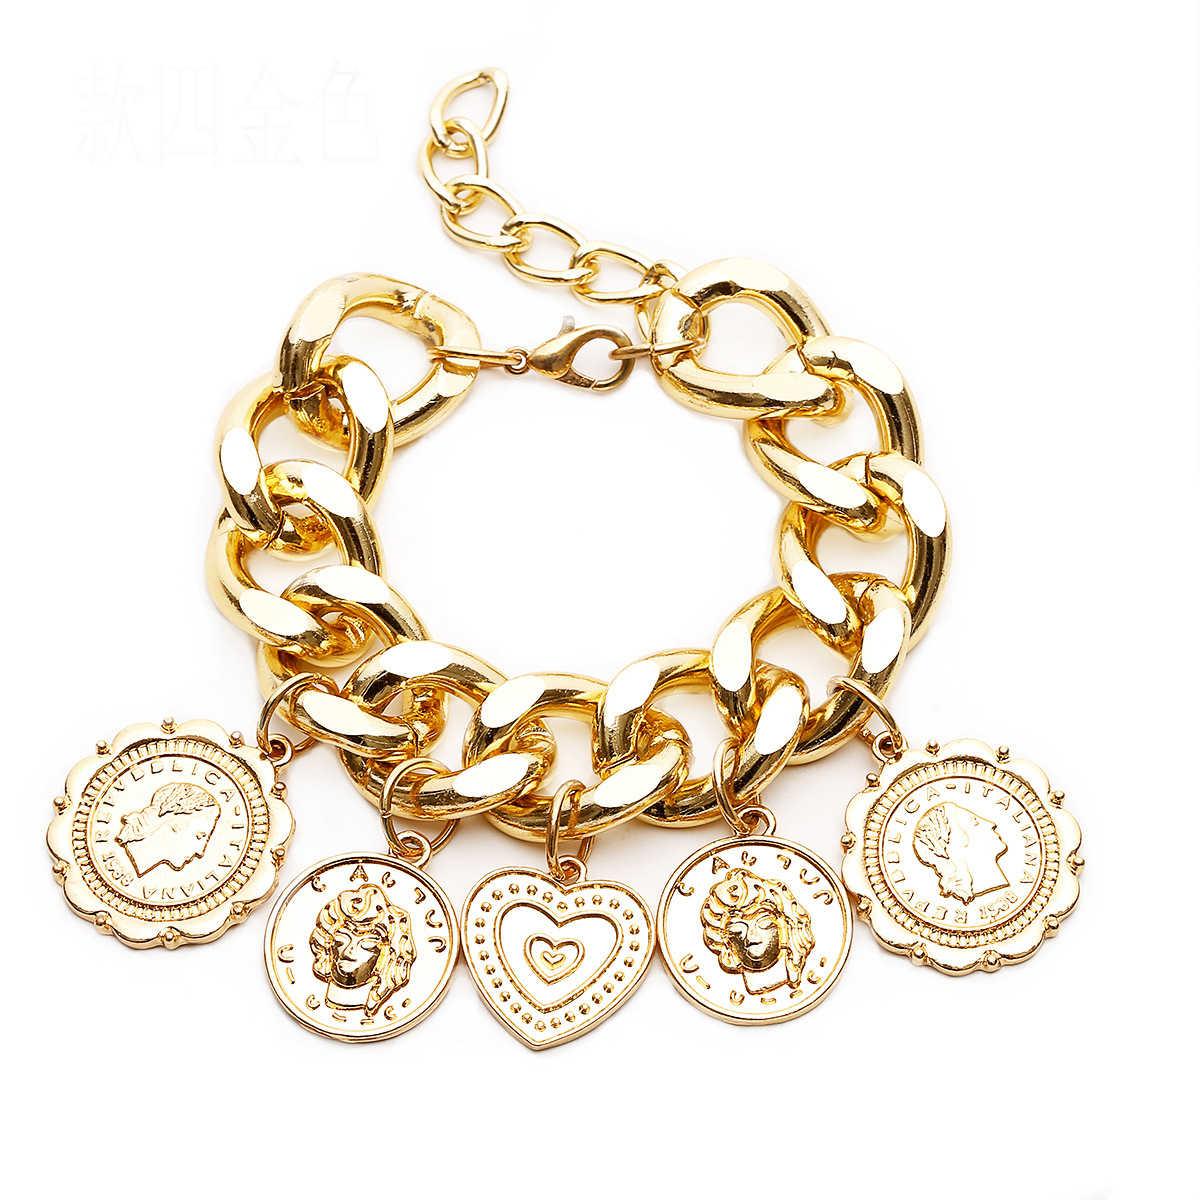 Punk złoty kolor serce monety Charms bransoletki dla kobiet moda długi łańcuszek osobowość Relief portret bransoletki HipHop 2019 Man